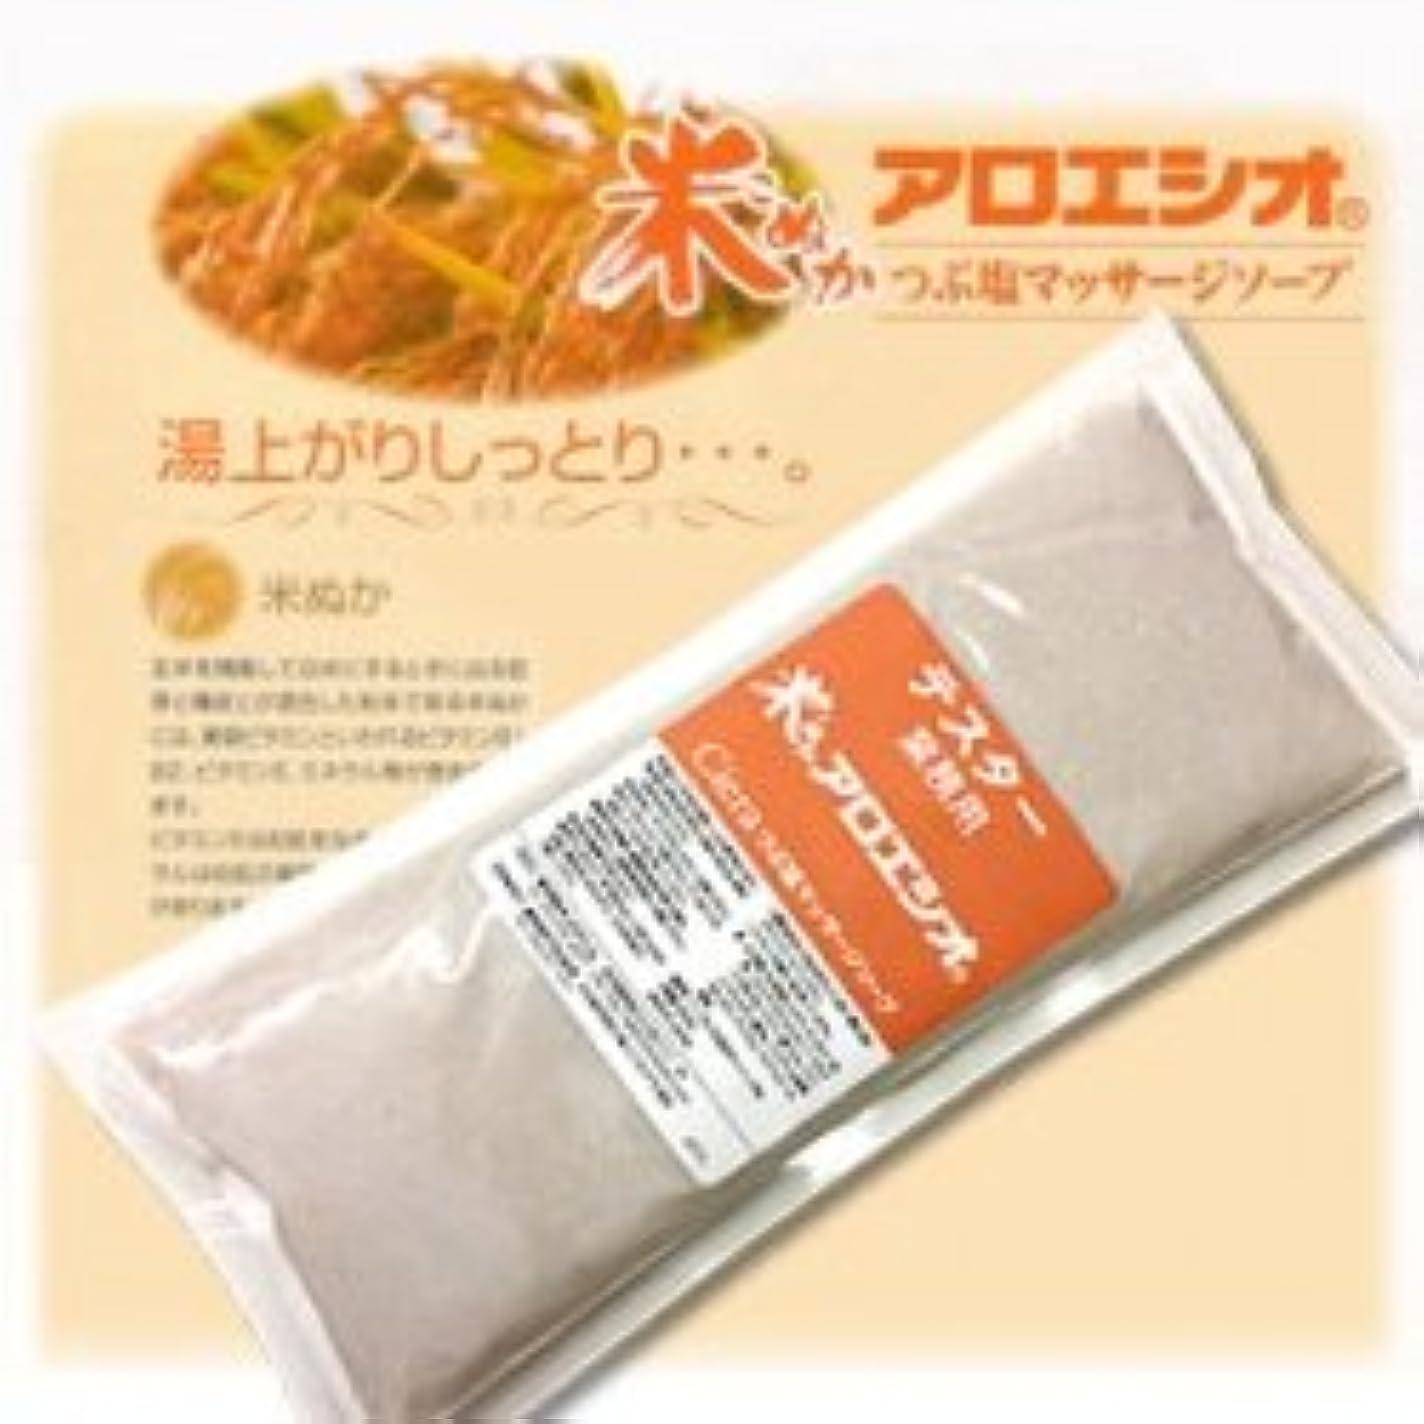 反乱実装する味業務用米ぬかアロエ塩 800g つぶ塩マッサージソープ/ フタバ化学 アロエシオ Ciera